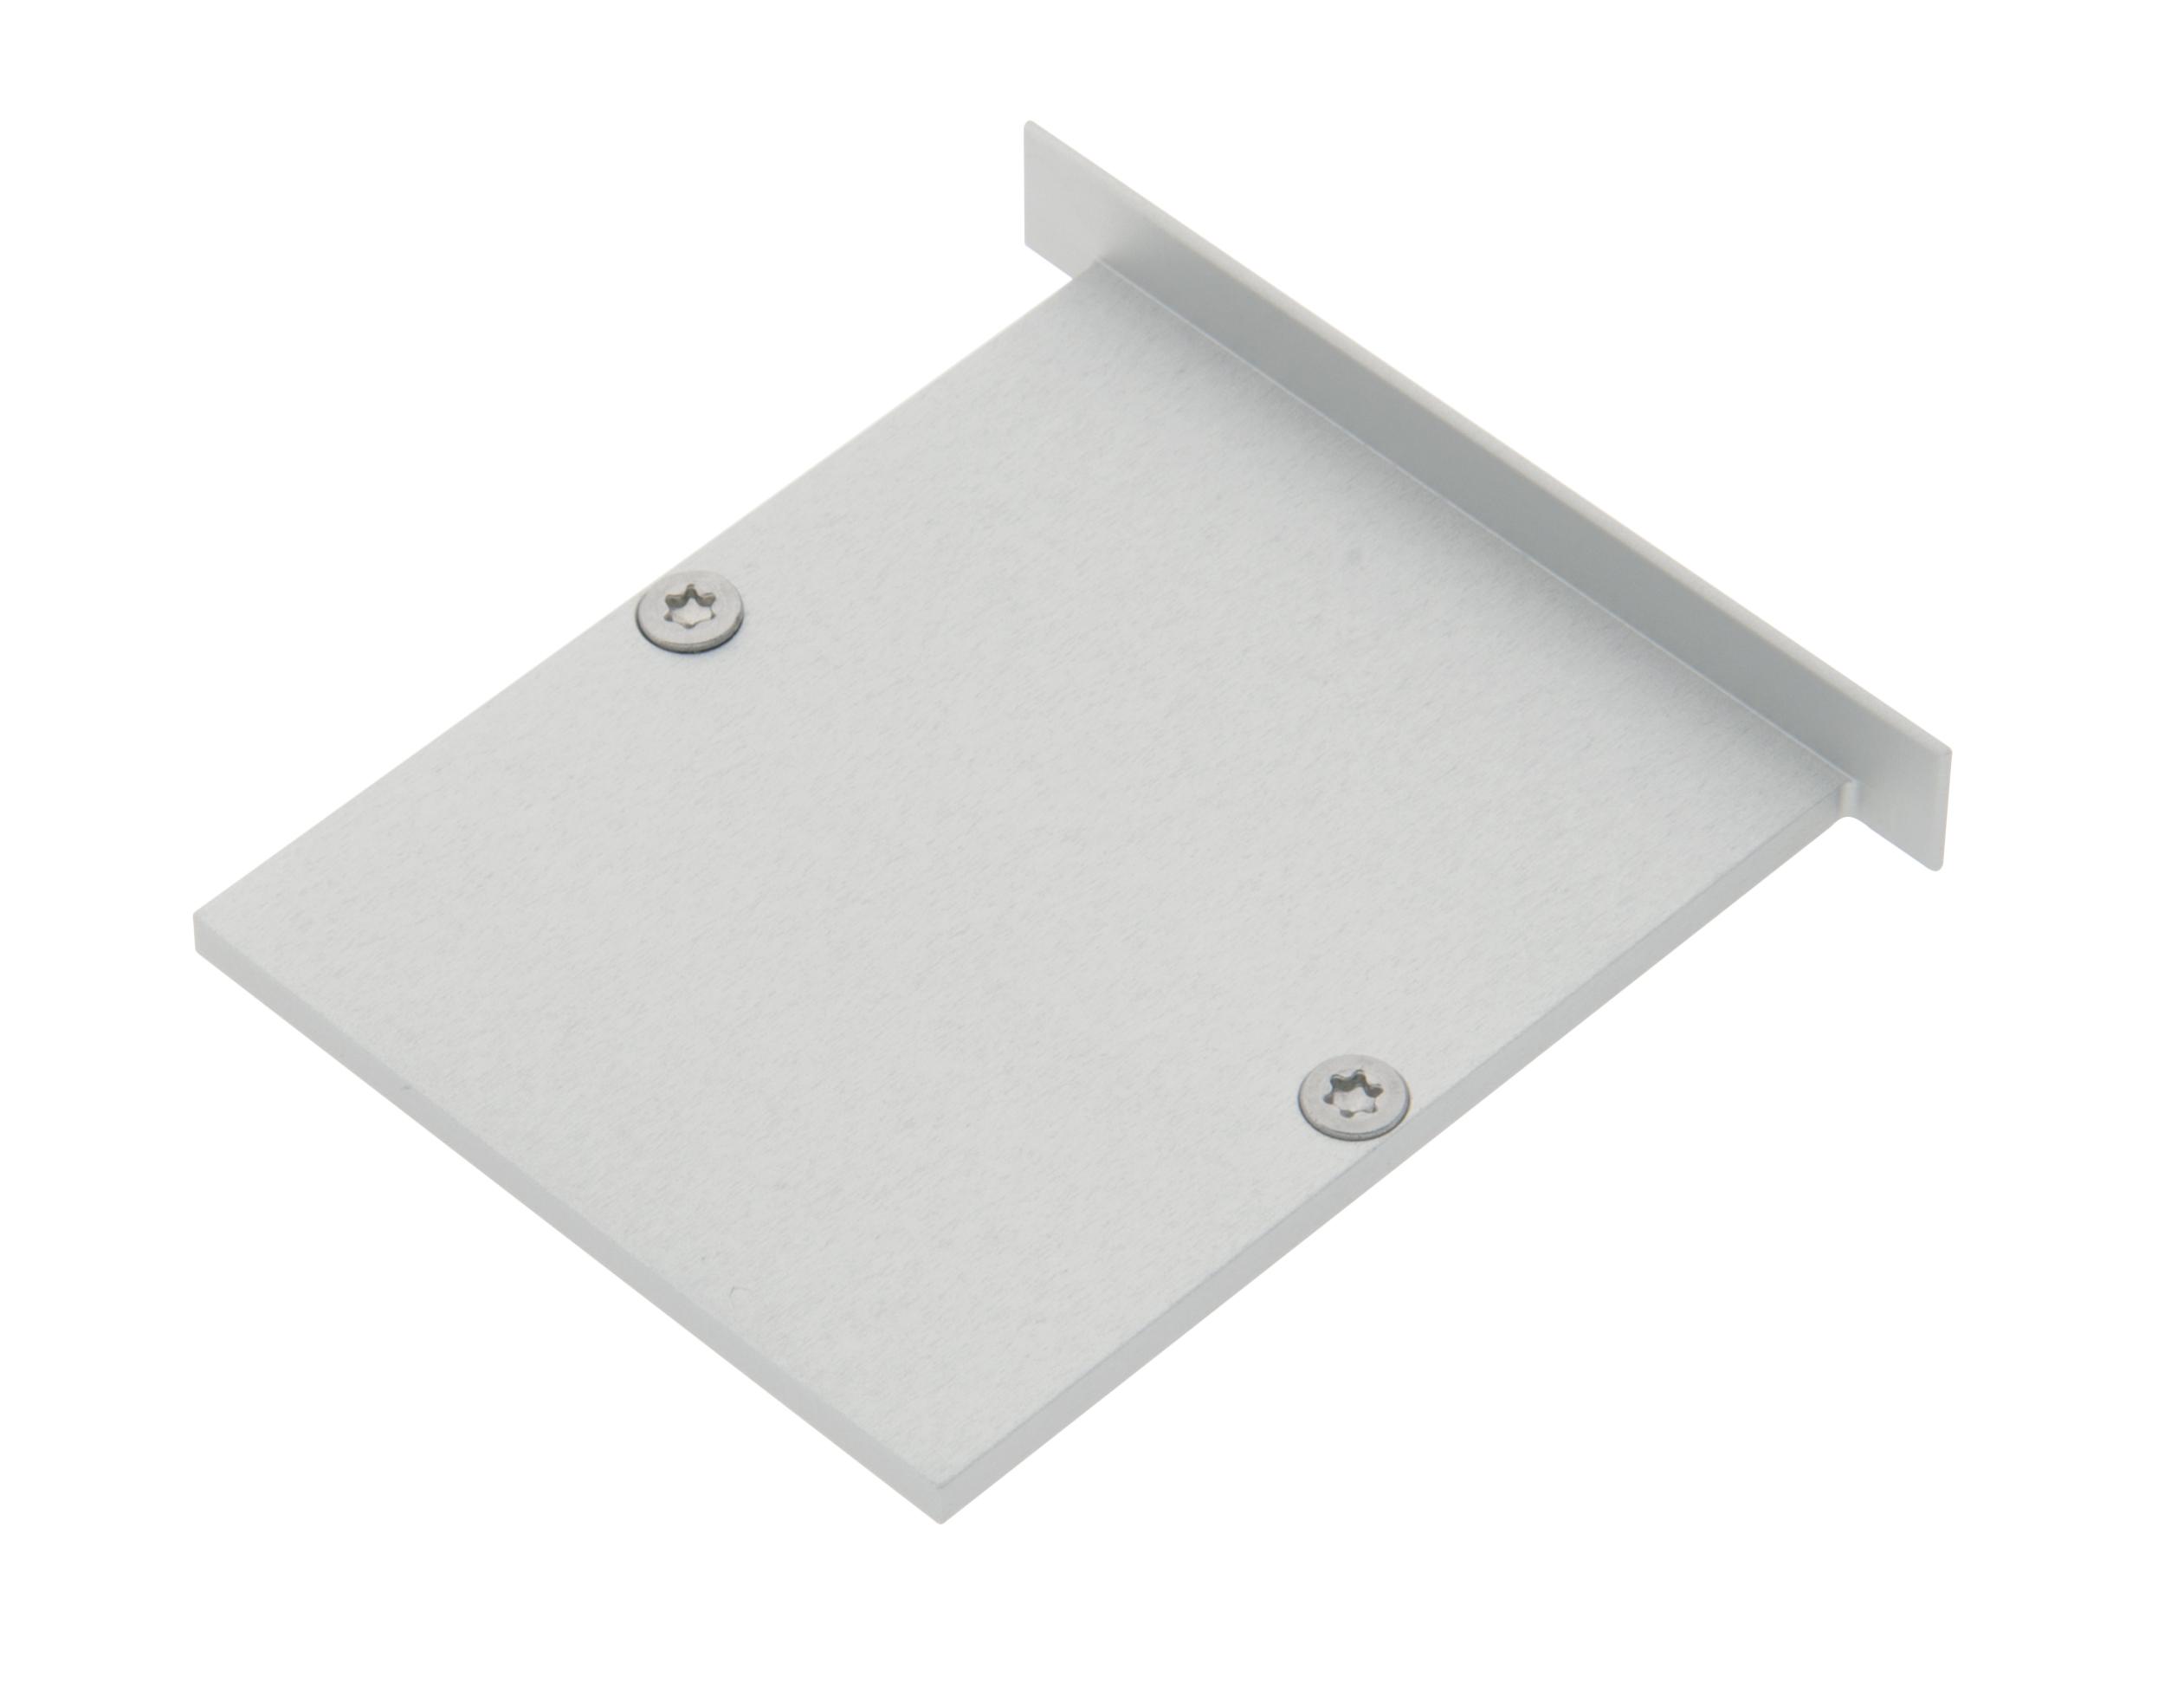 1 Stk Profil Endkappe MFI Flach geschlossen inkl. Schrauben LIEK005300